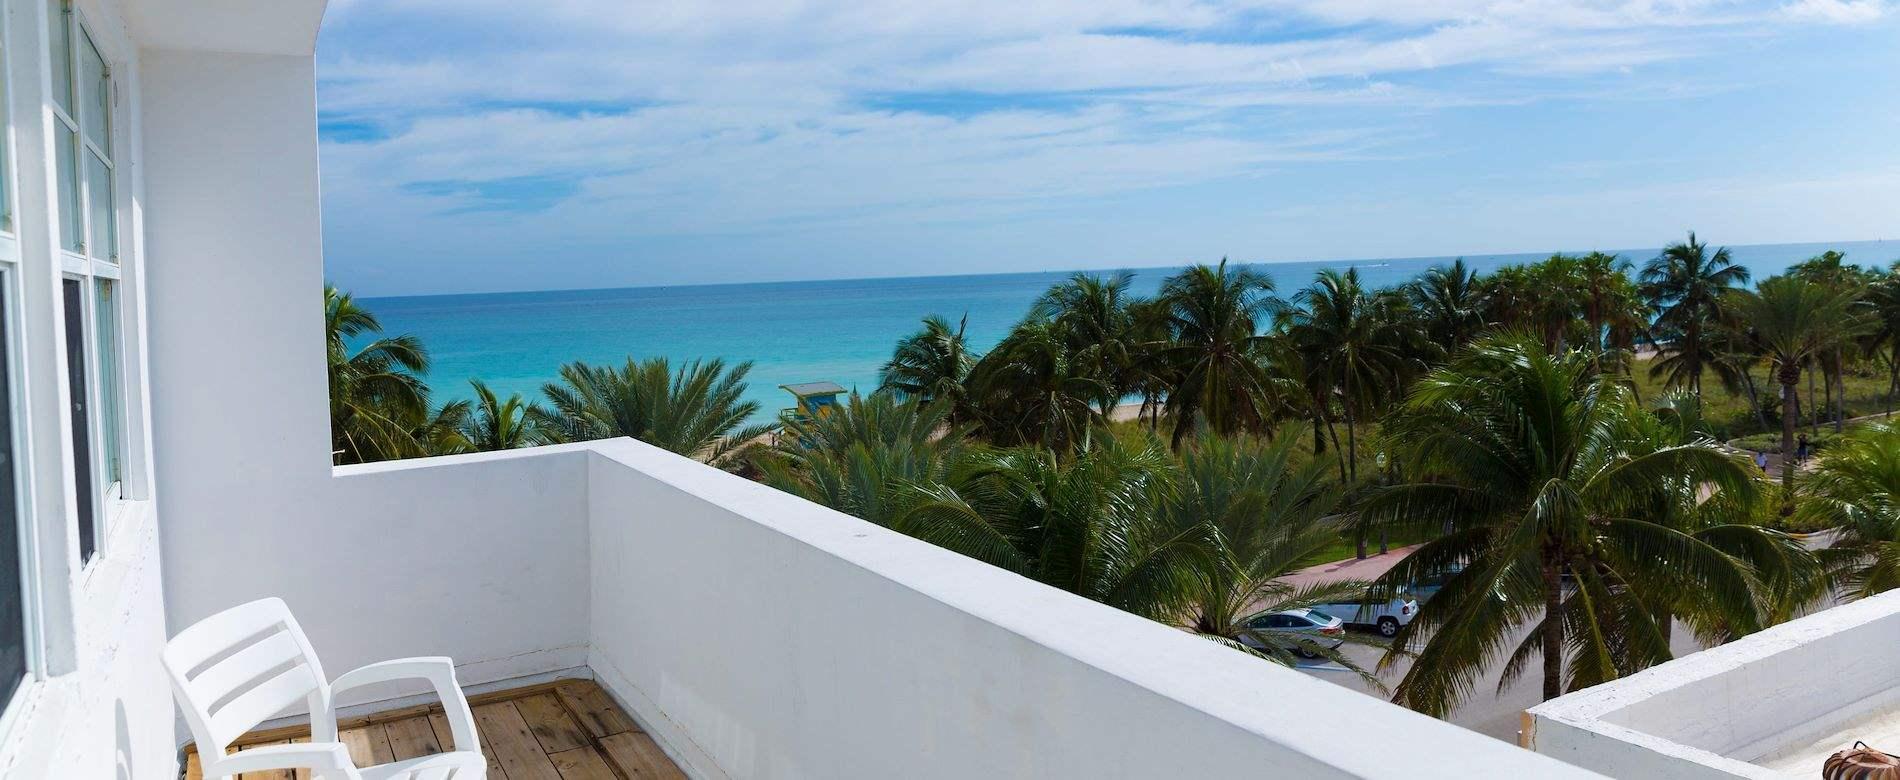 The Broadmore Miami Beach, Florida